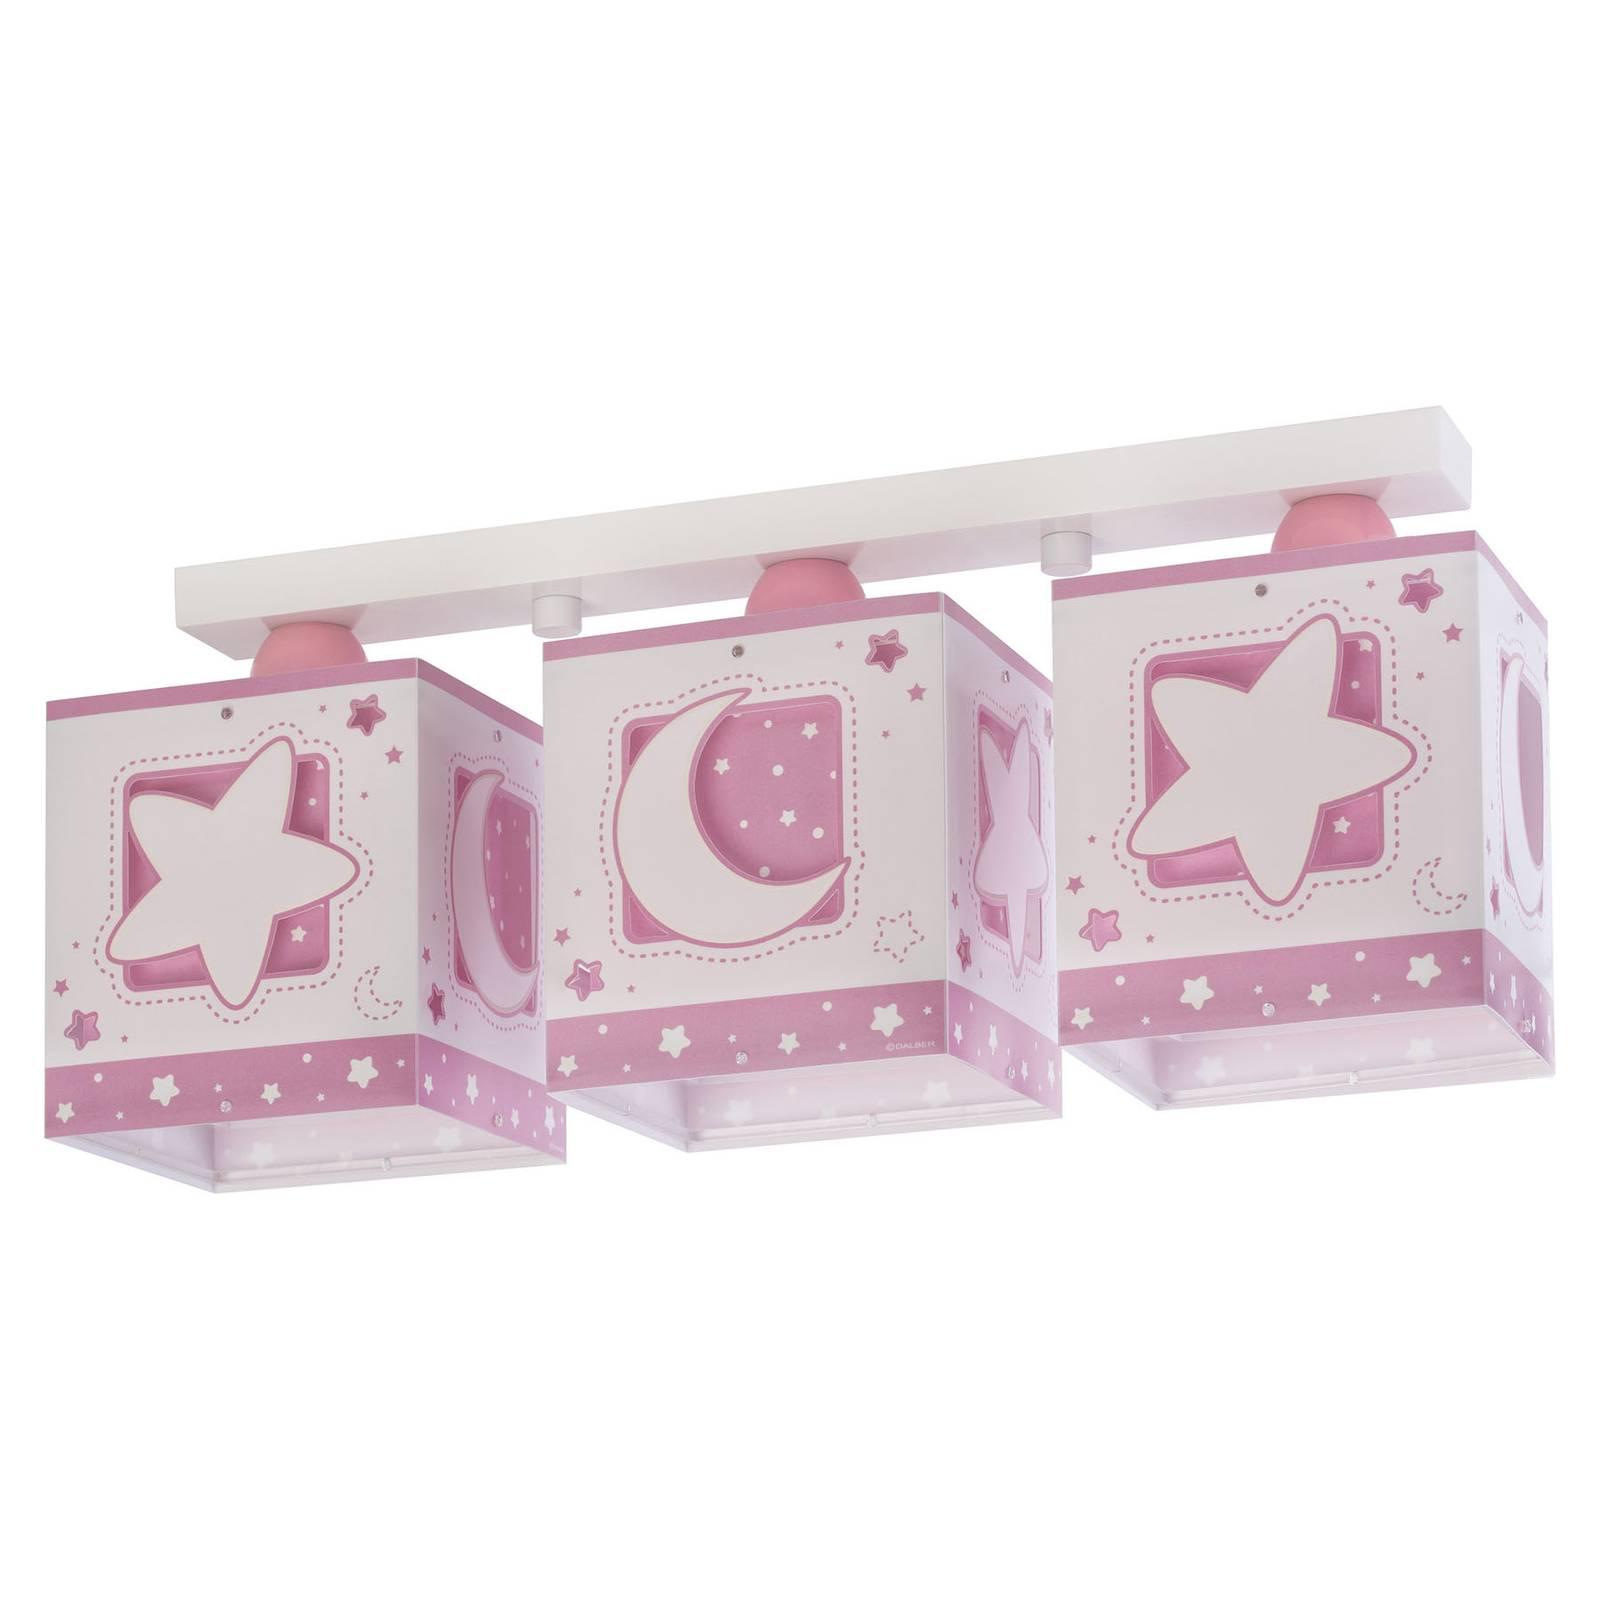 Taklampa för barnrum Moonlight, 3 lampor, rosa